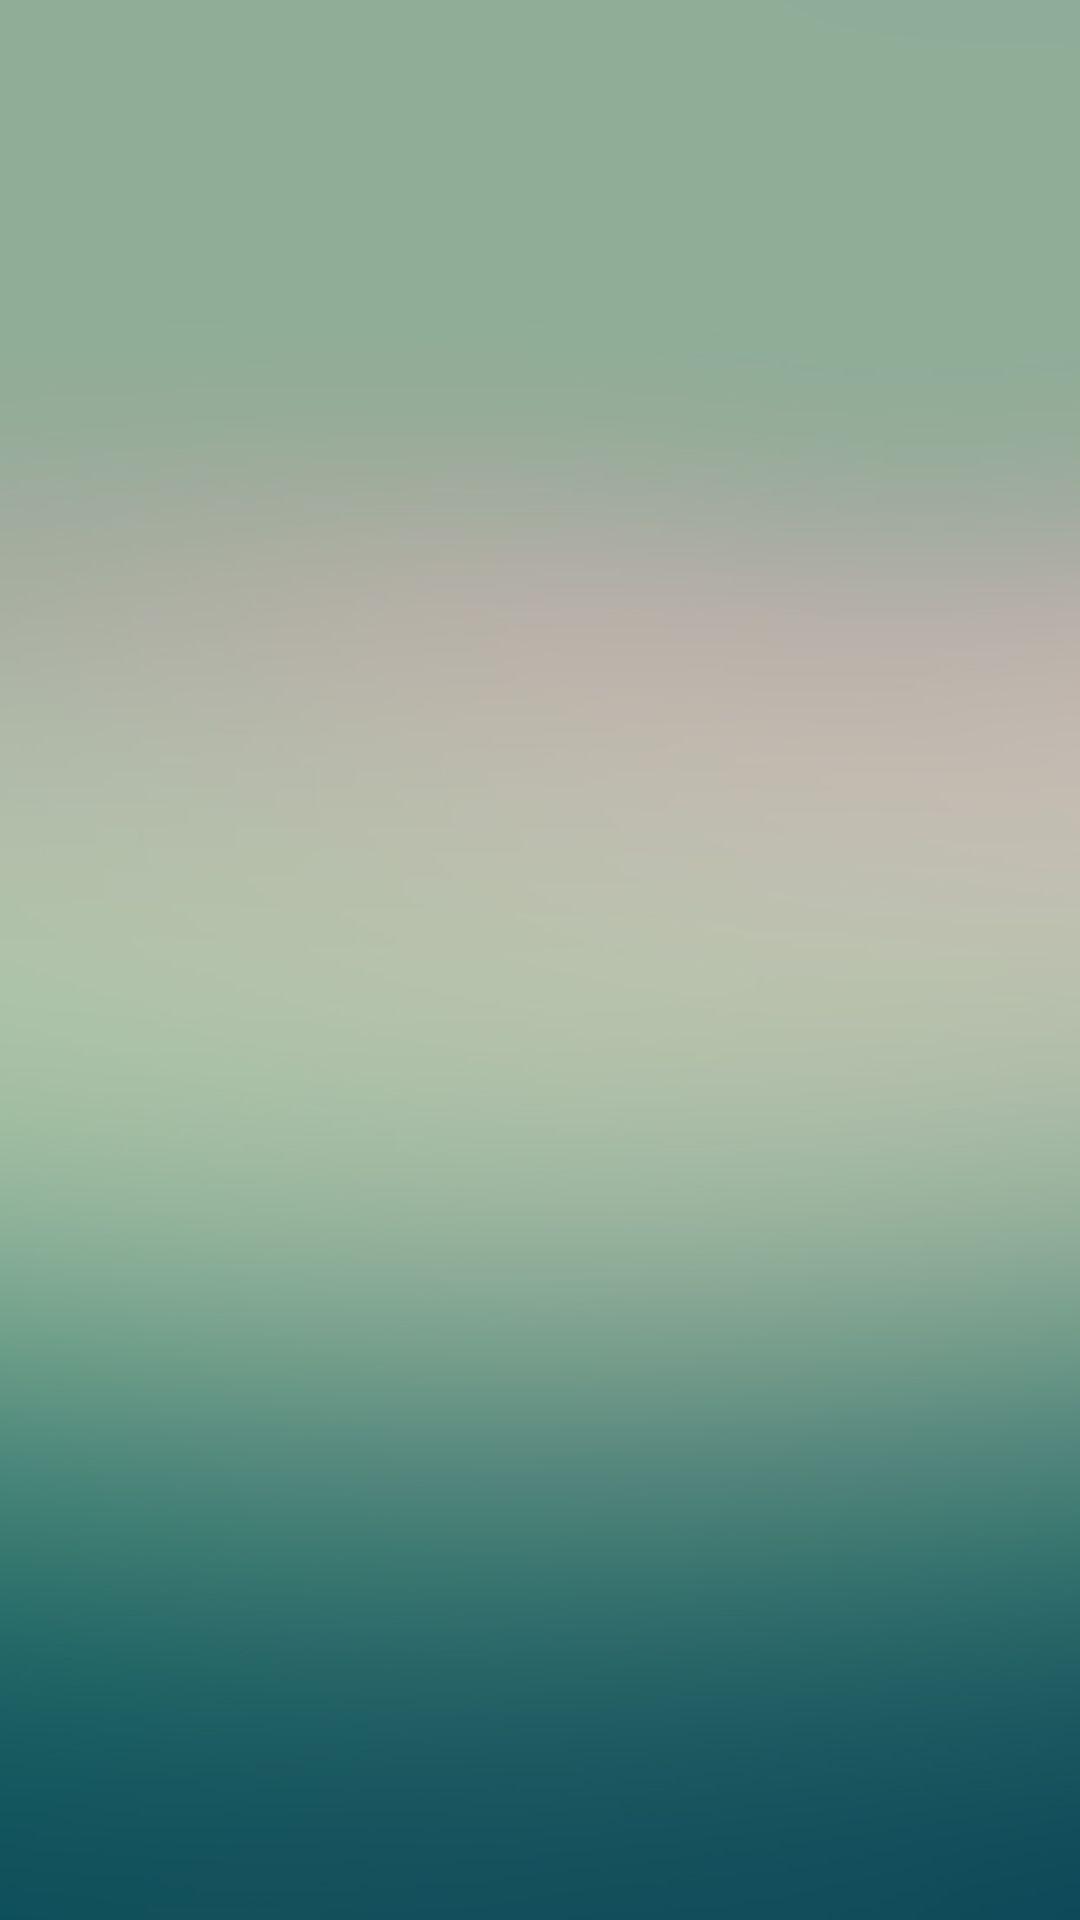 Wallpaper iphone green - Green Alive Gradation Blur Iphone 6 Wallpaper